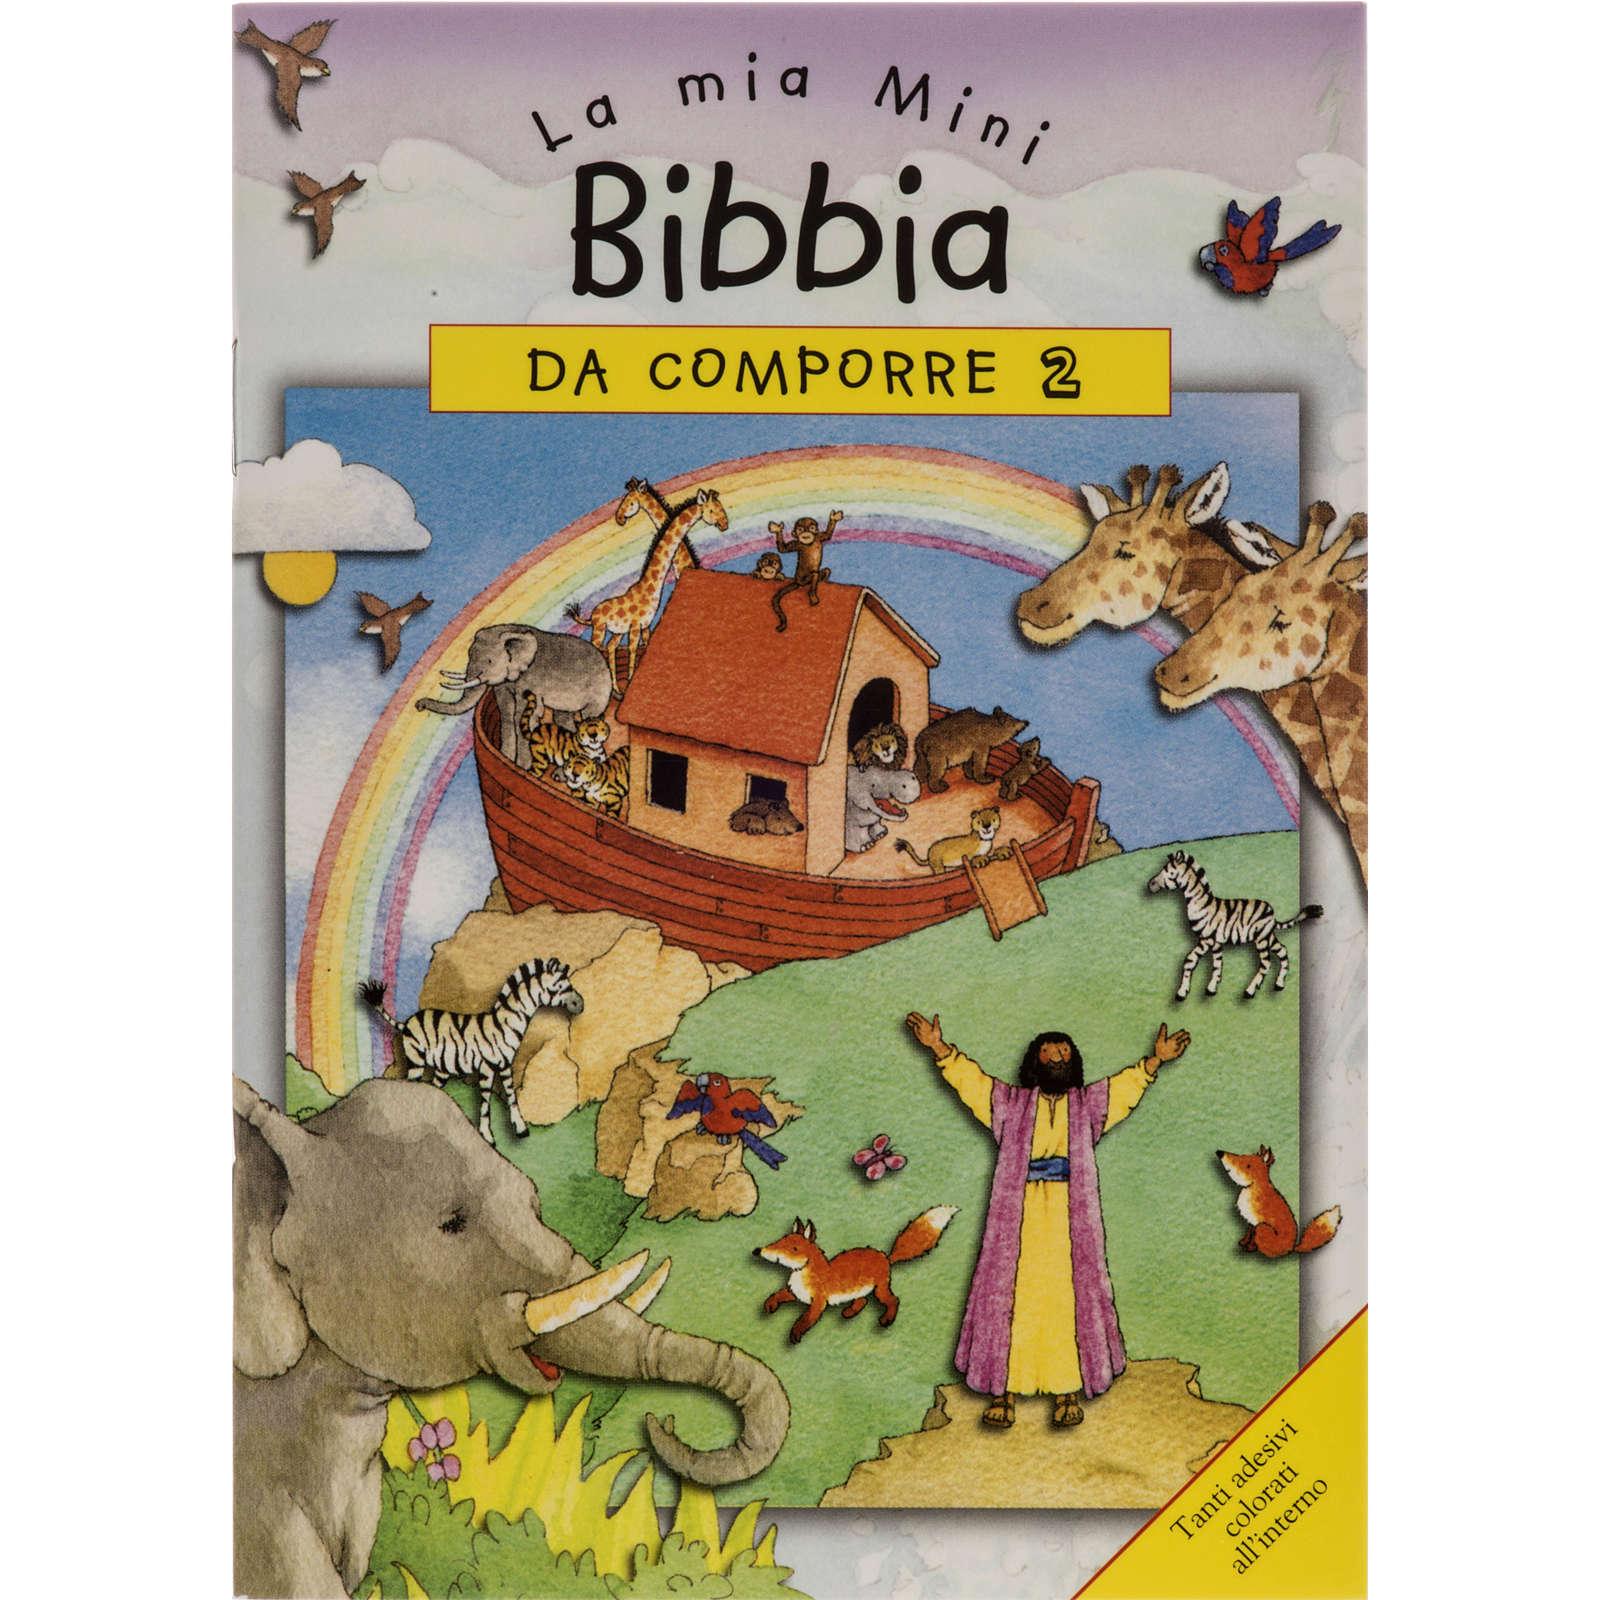 La Mia Mini Bibbia da comporre 2 4